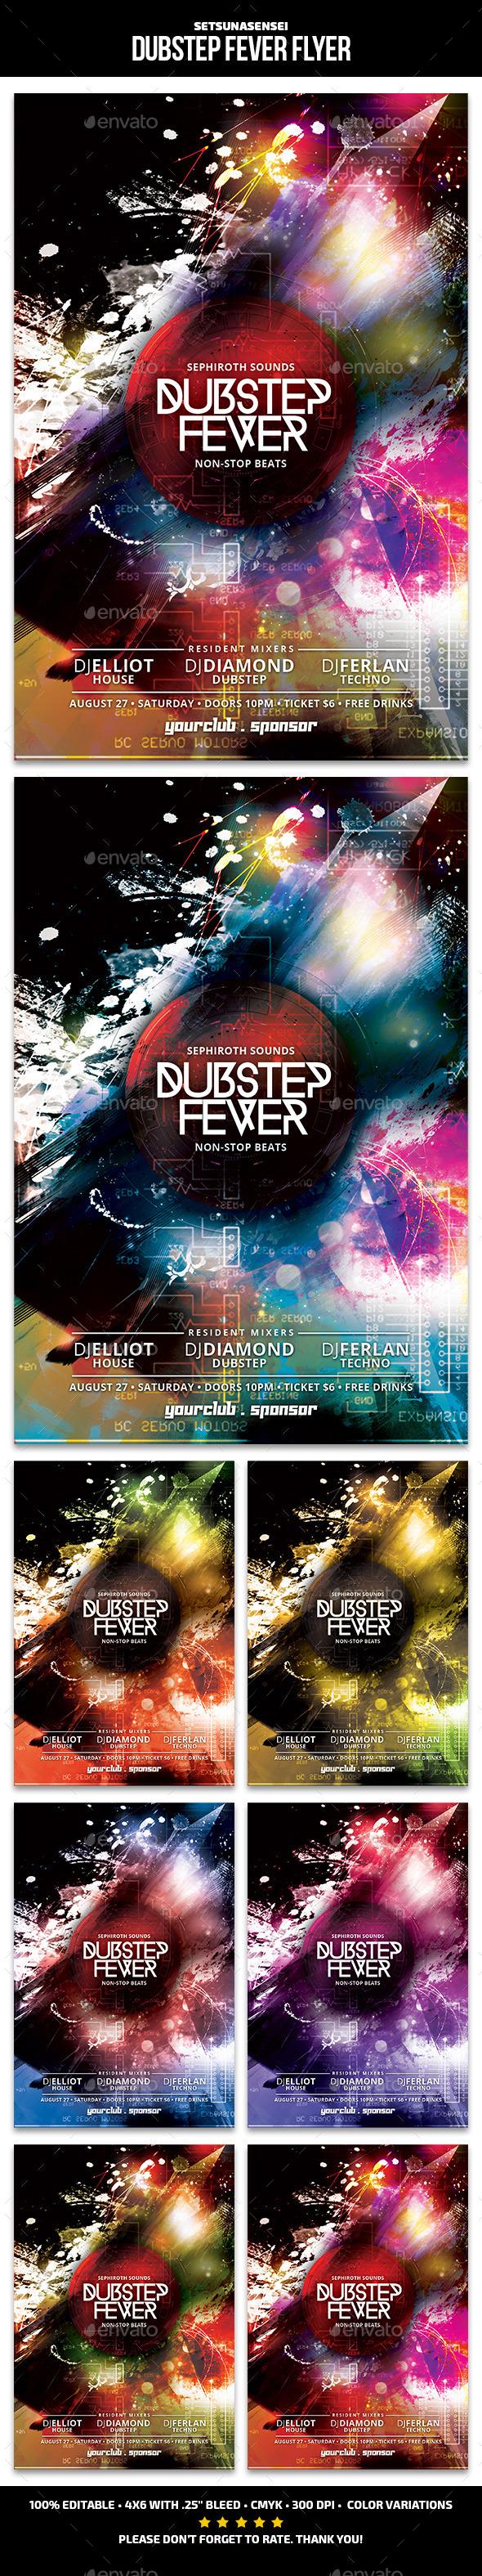 Dubstep Fever Flyer